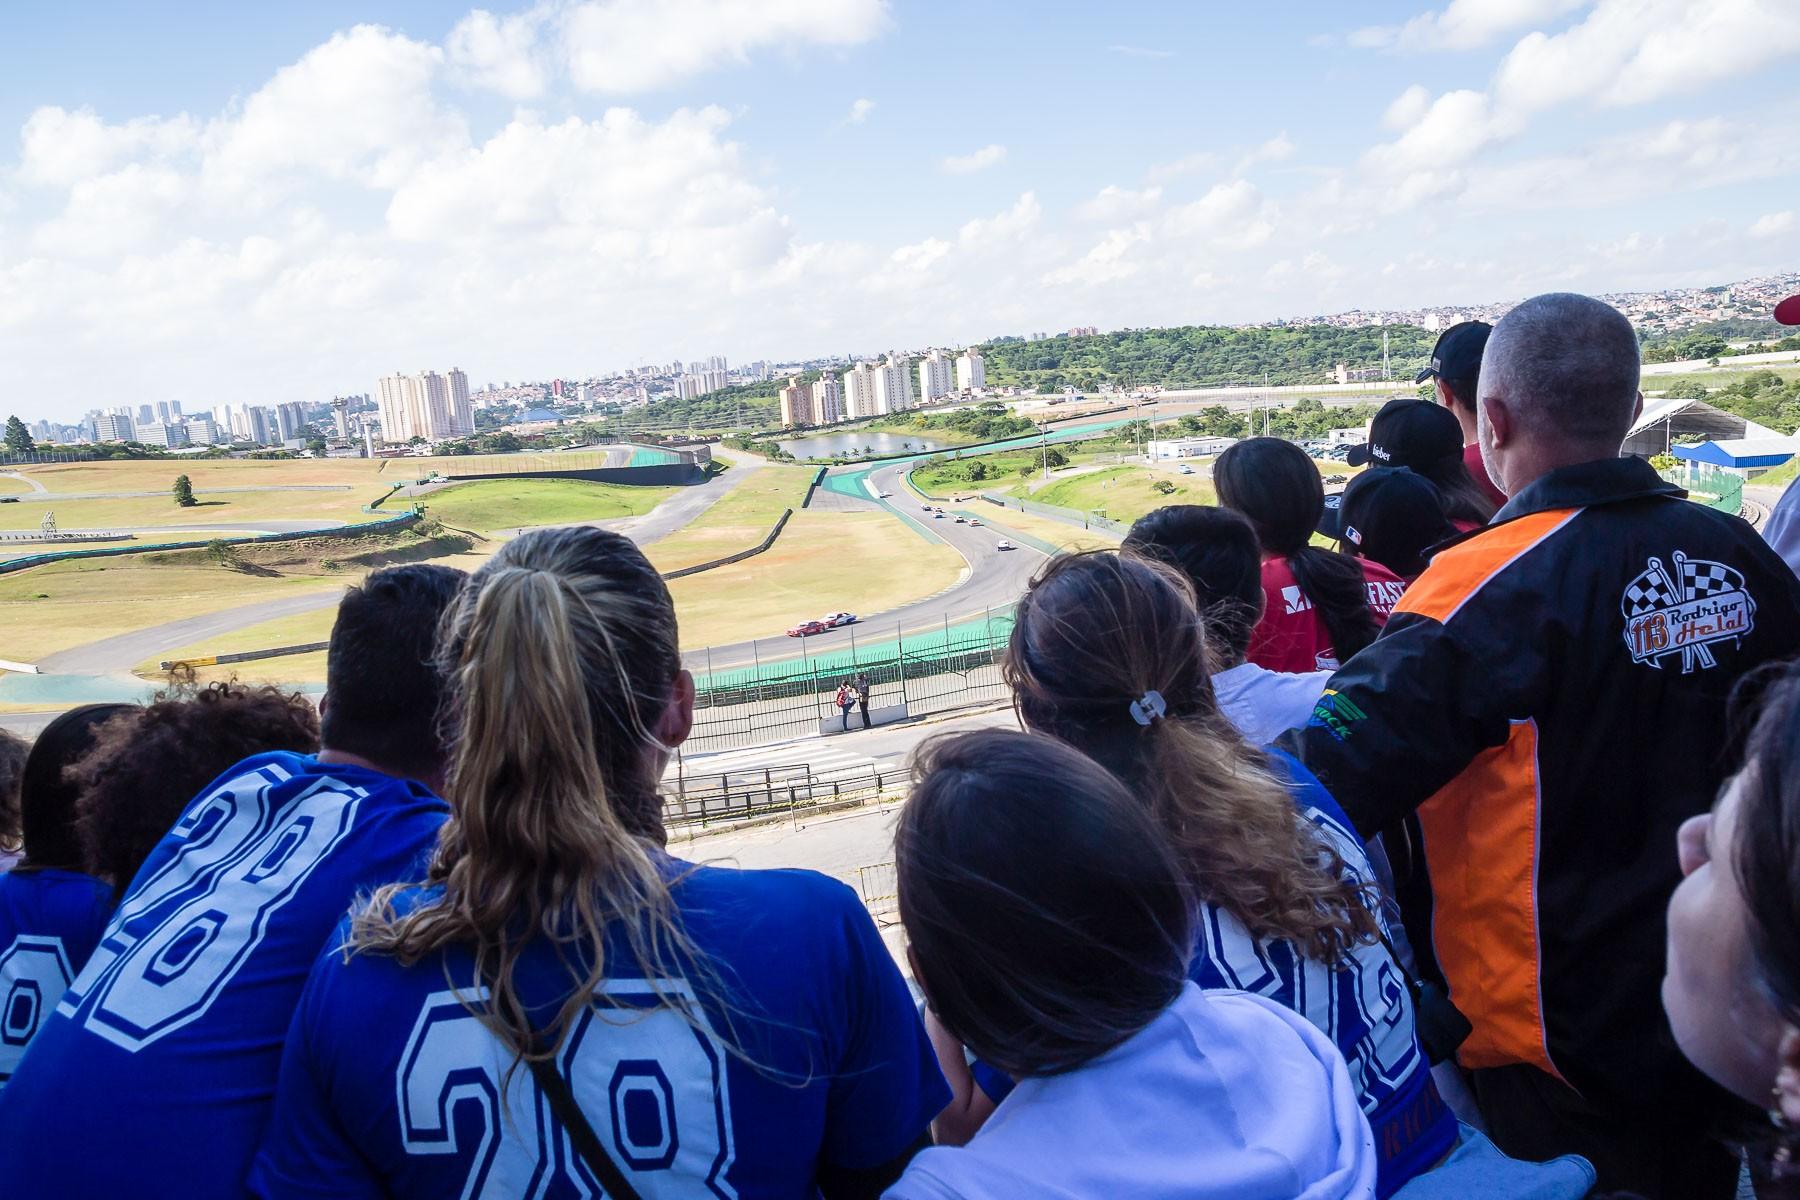 De olho na pista (Foto: Divulgação/Andre Lemes)